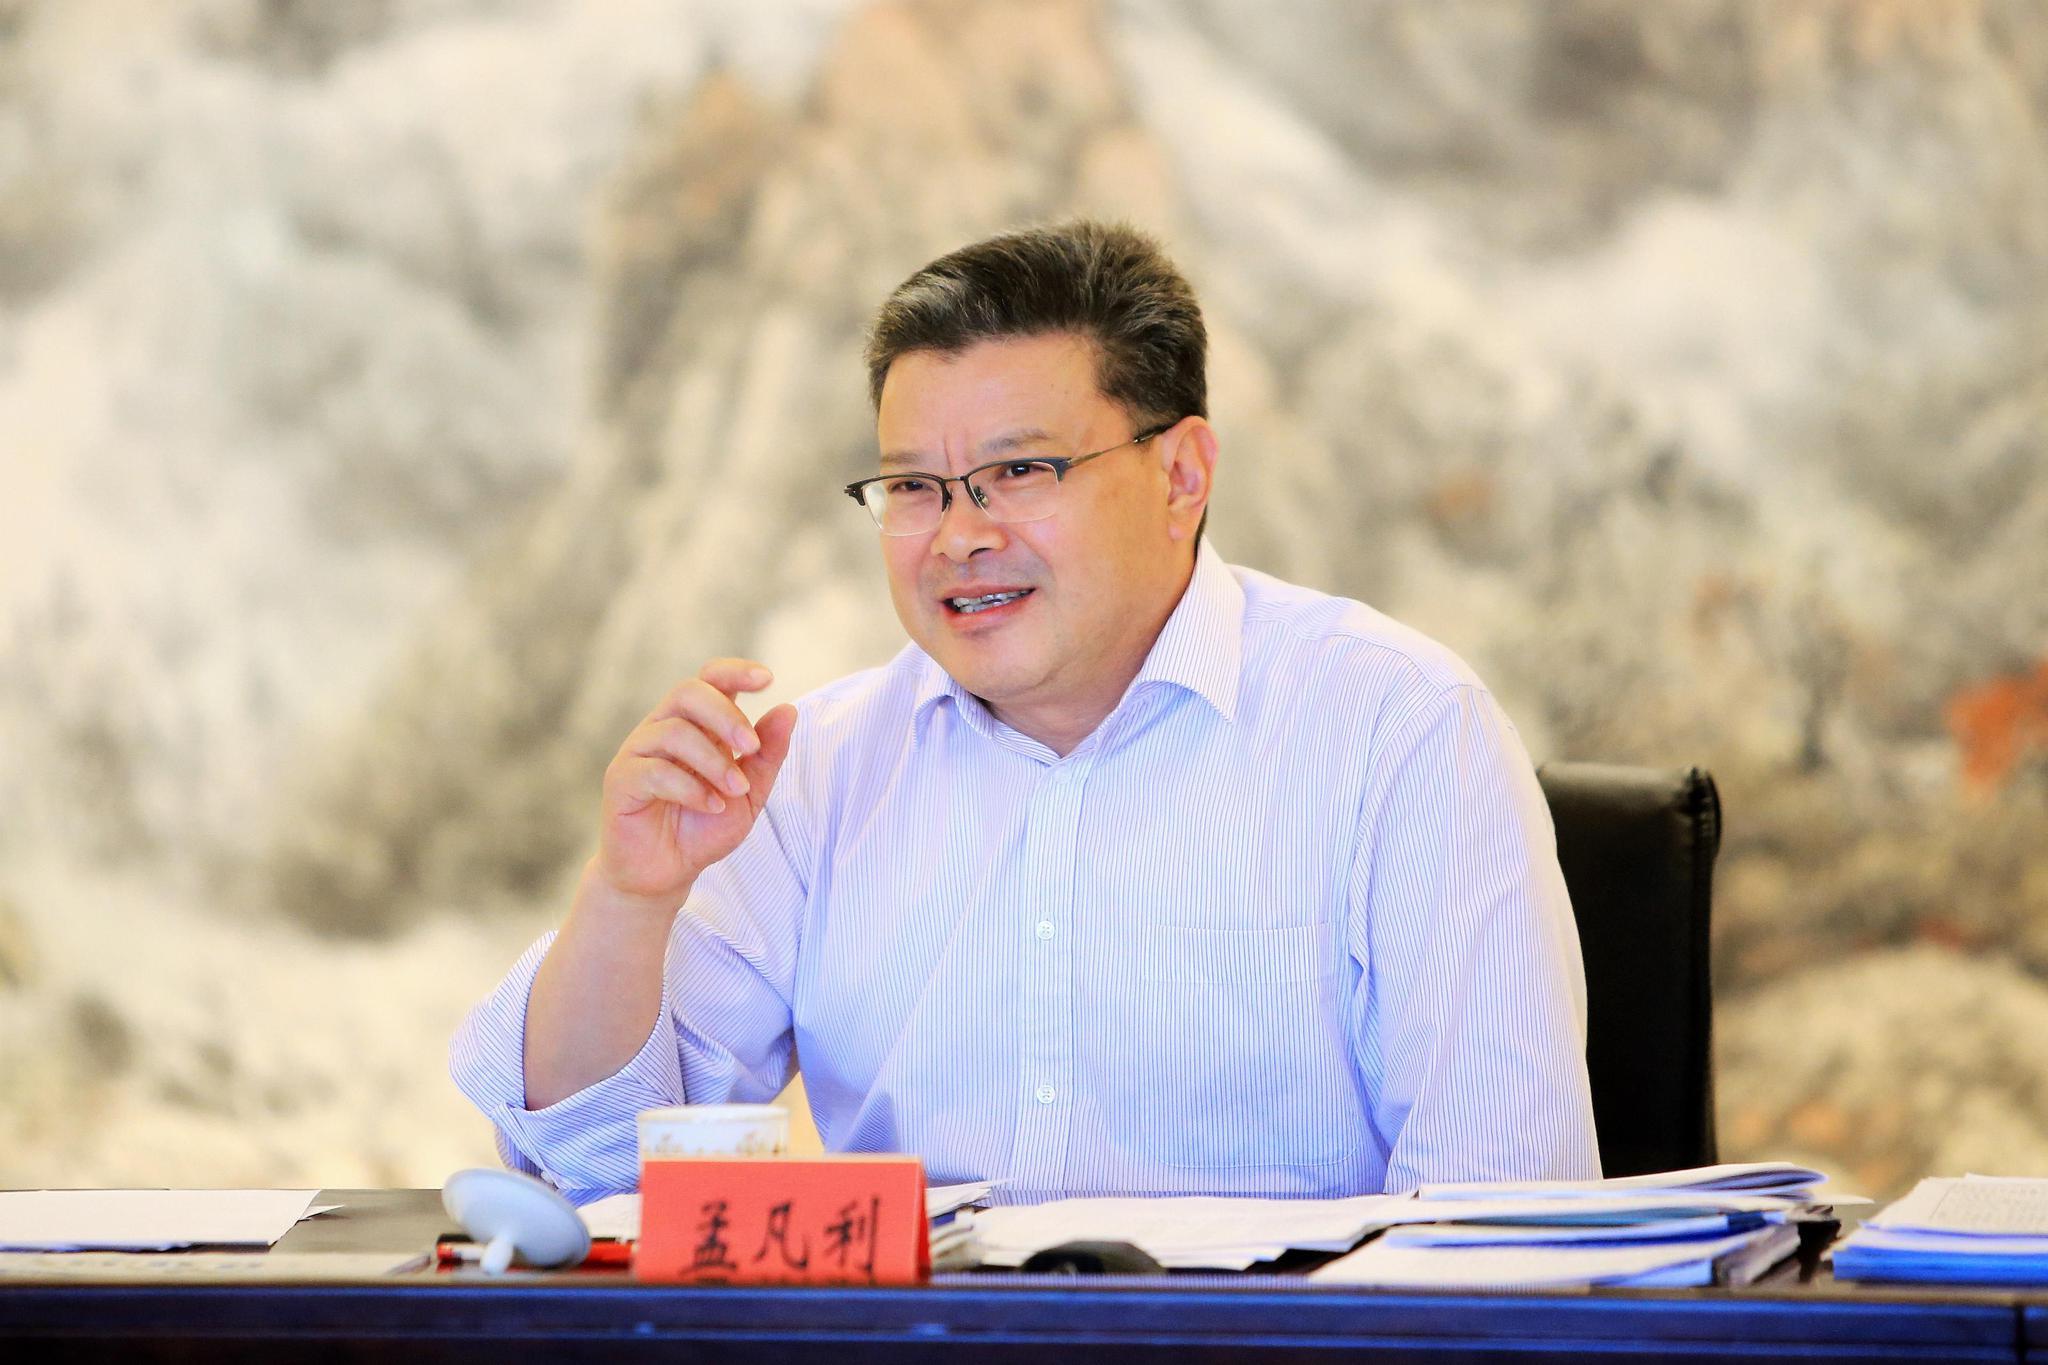 人大代表、青岛市长孟凡利:上合示范区带来新机遇图片